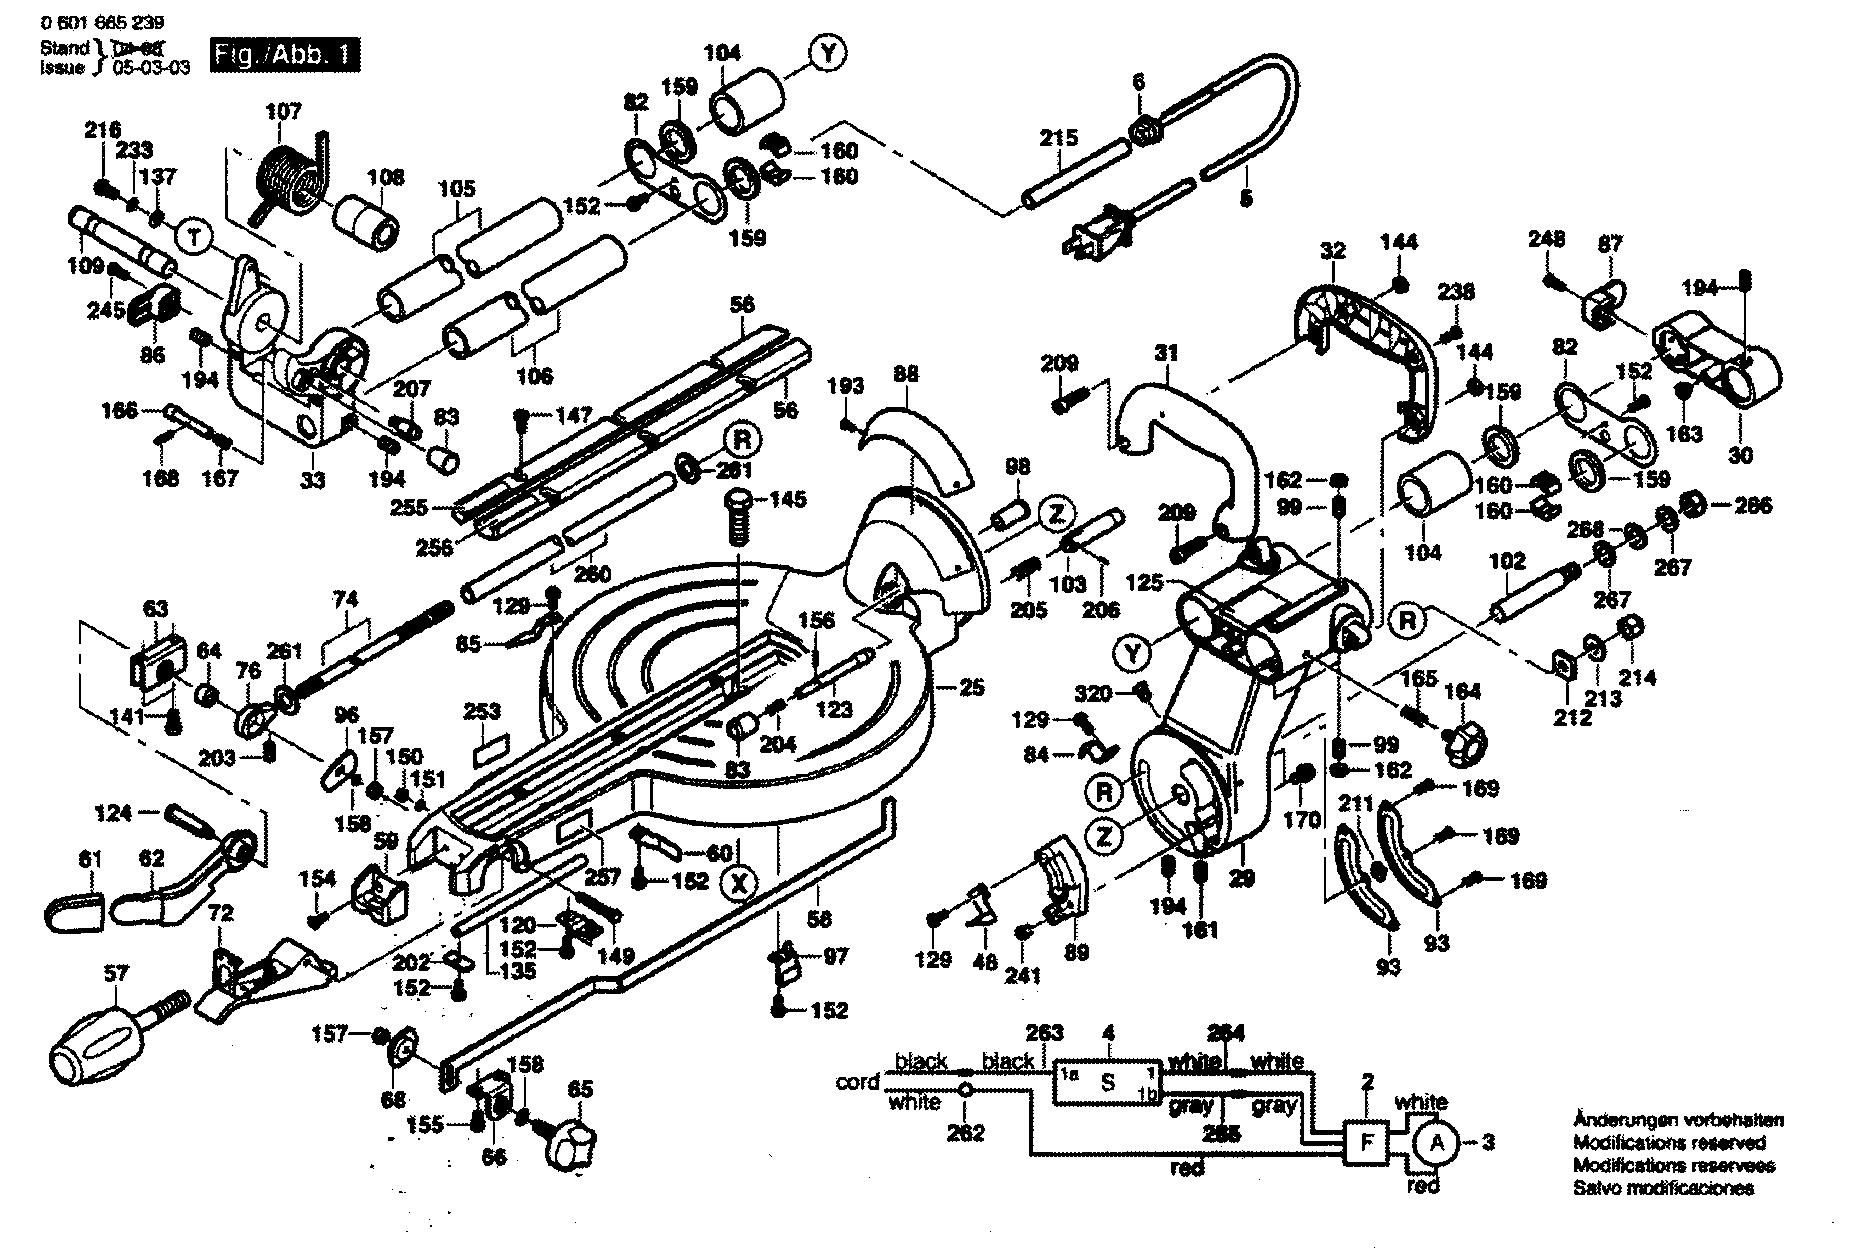 Bosch model 5412L miter saw genuine parts